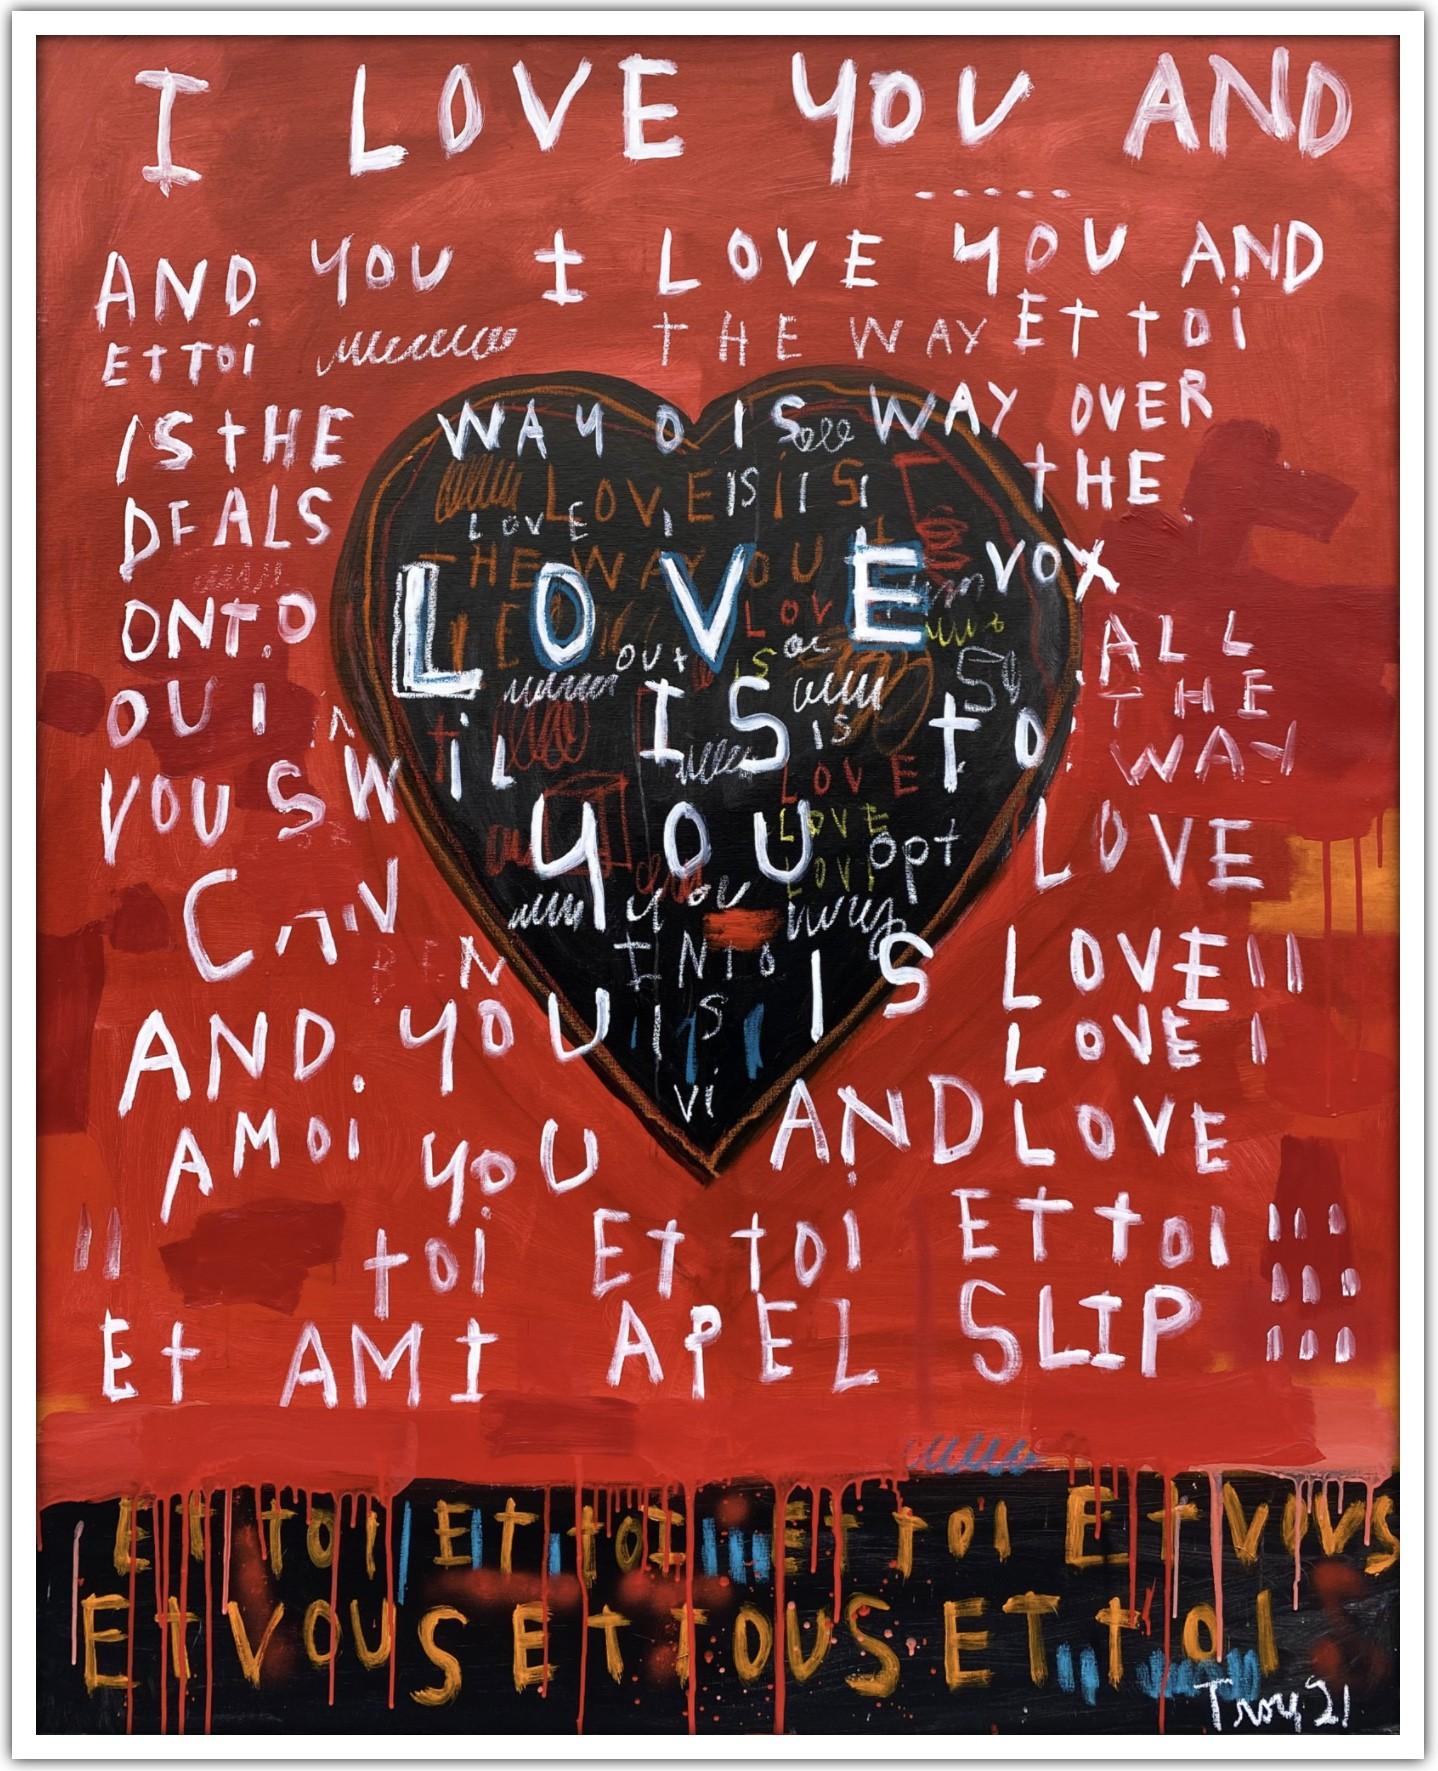 Troy Henriksen - Heart Love is you